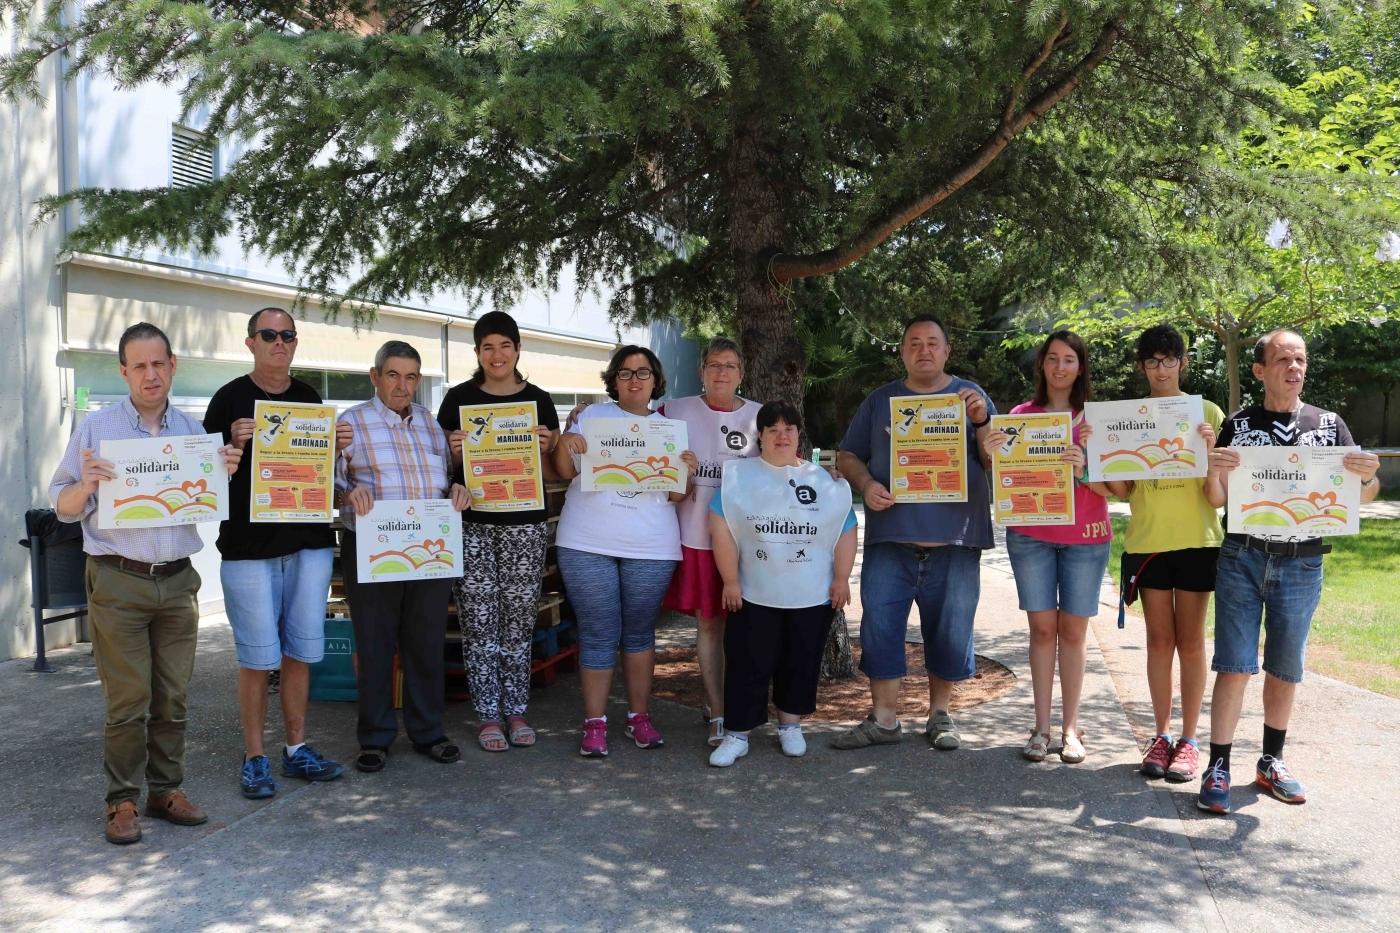 Els jardins de l'Associació Alba acolliran dijous una caragolada solidària a càrrec de l'Aplec del Caragol